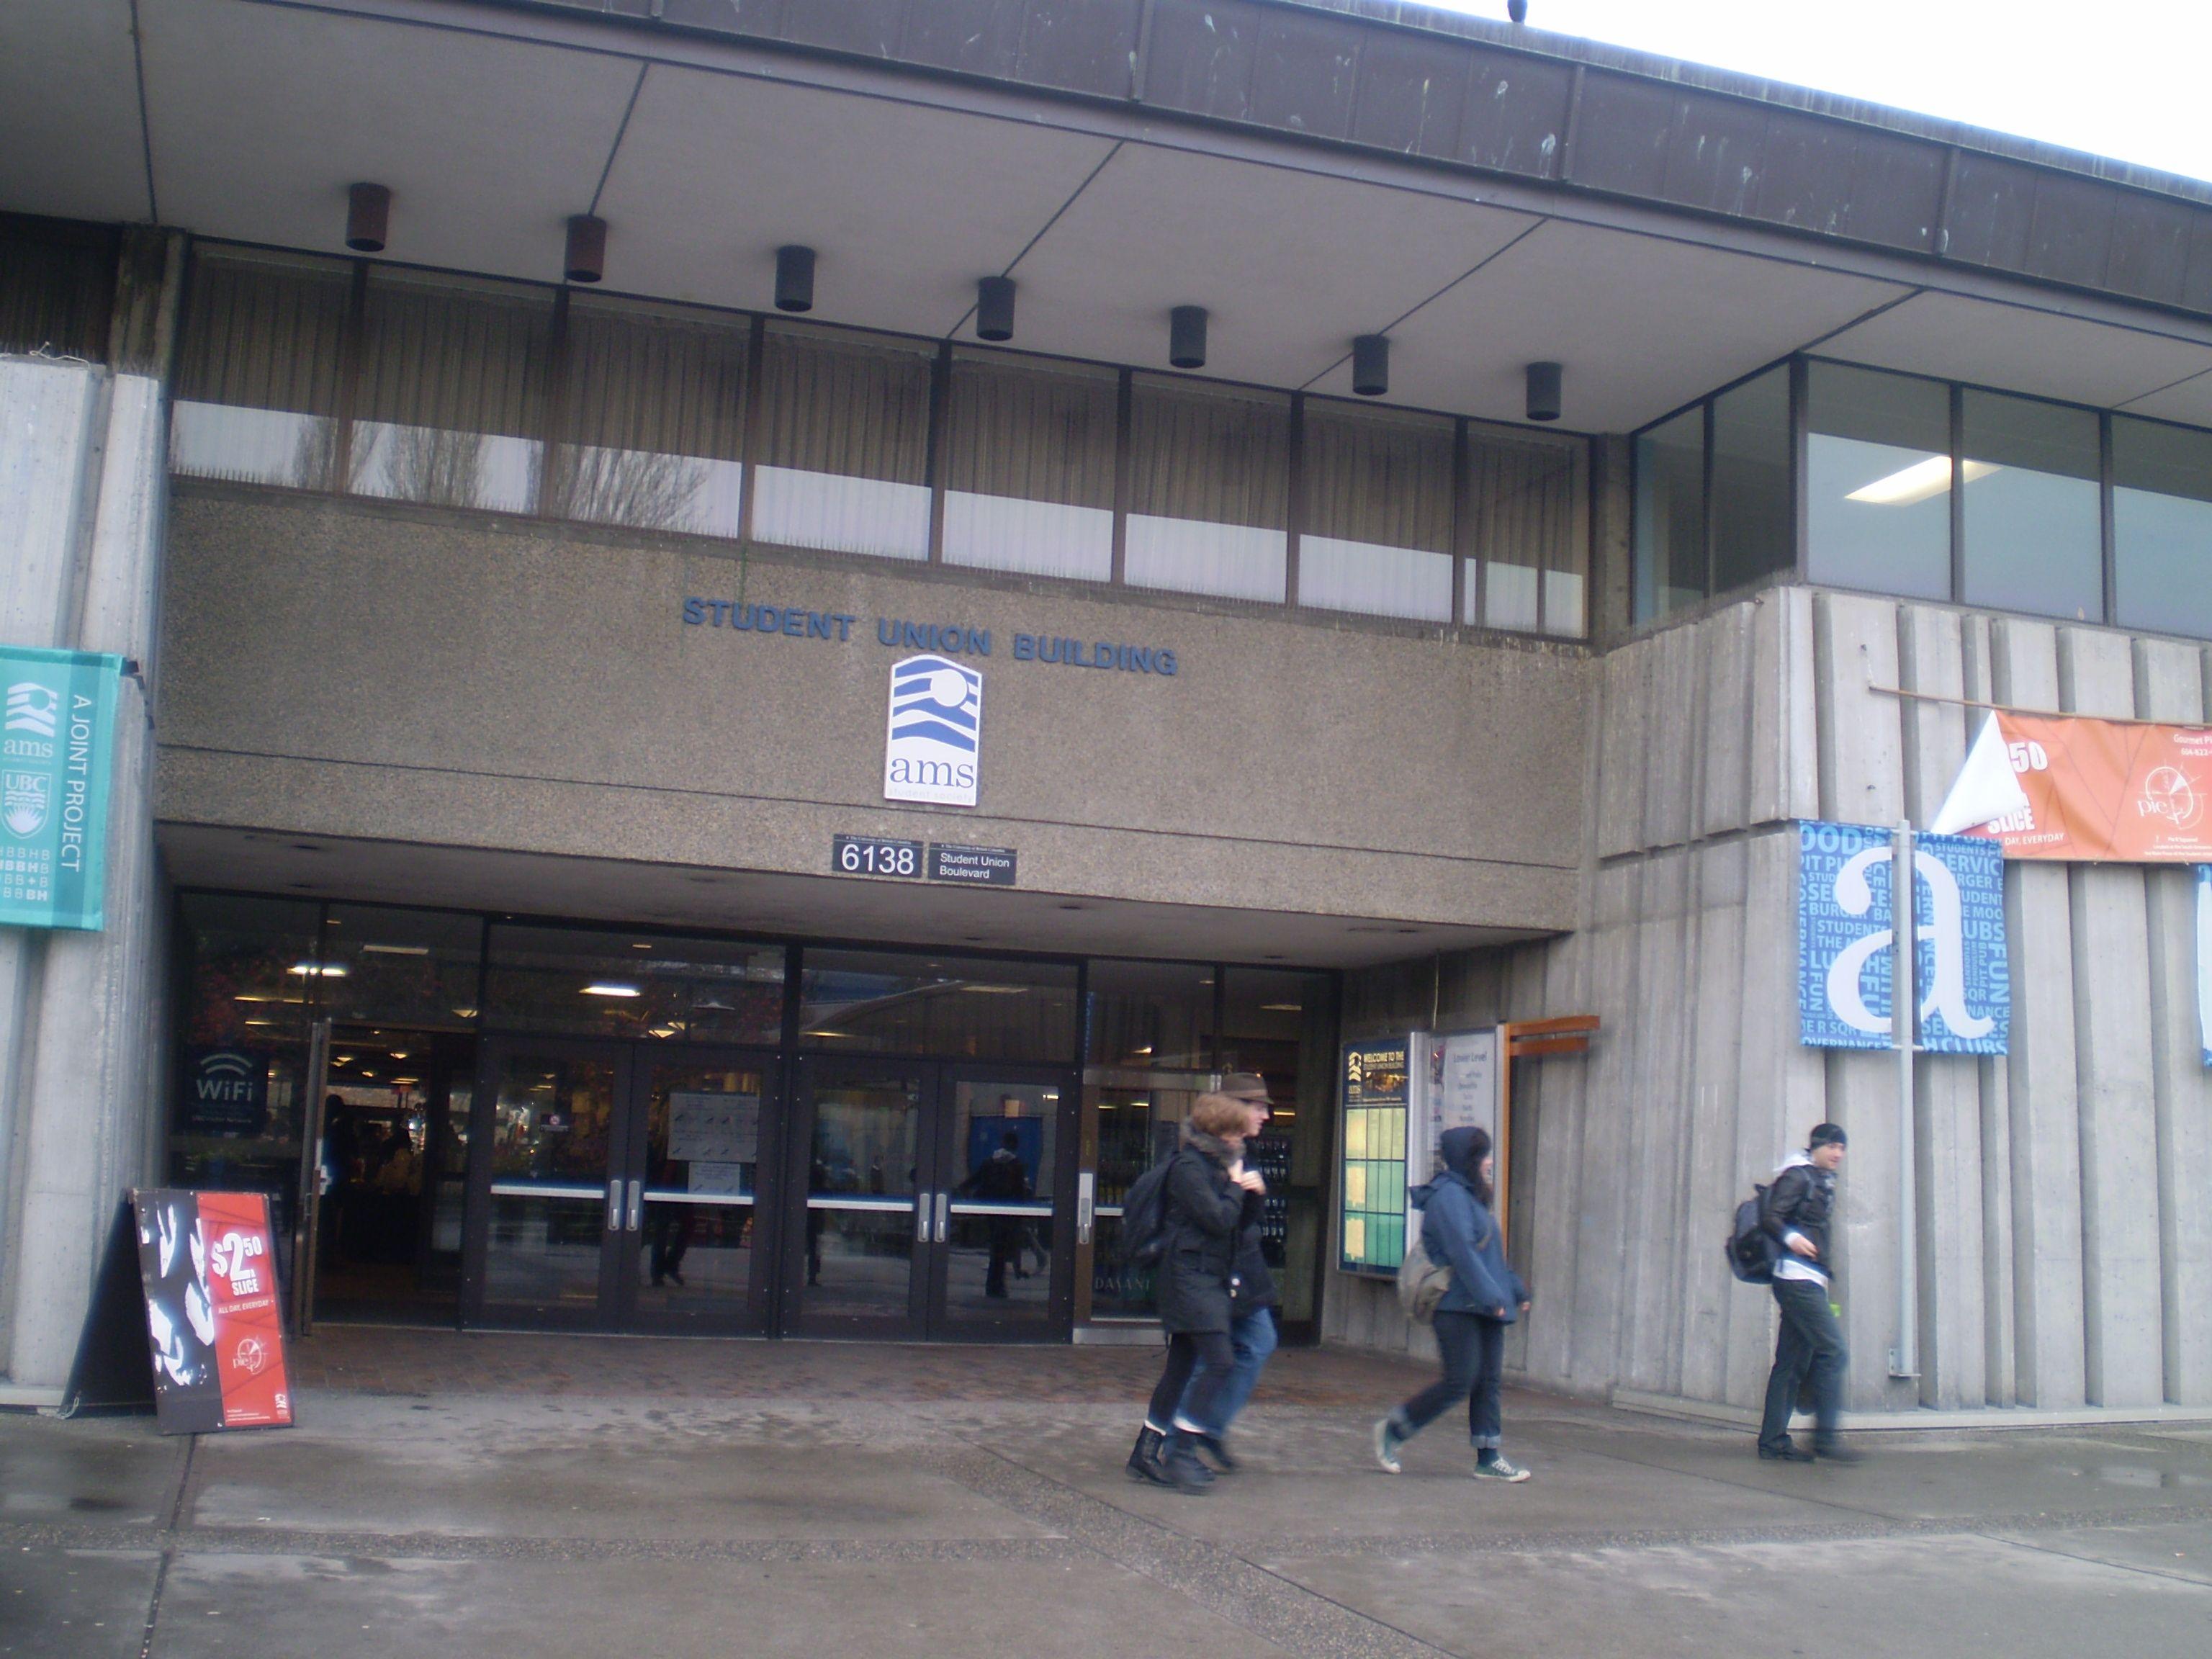 ブリティッシュコロンビア敷地内に位置するStudent Union Buldingです。ドリンクやフードの購入が出来ます。ELIの詳しい情報はこちらから☆http://www.vc-ryugaku.com/school/lang/s32.html